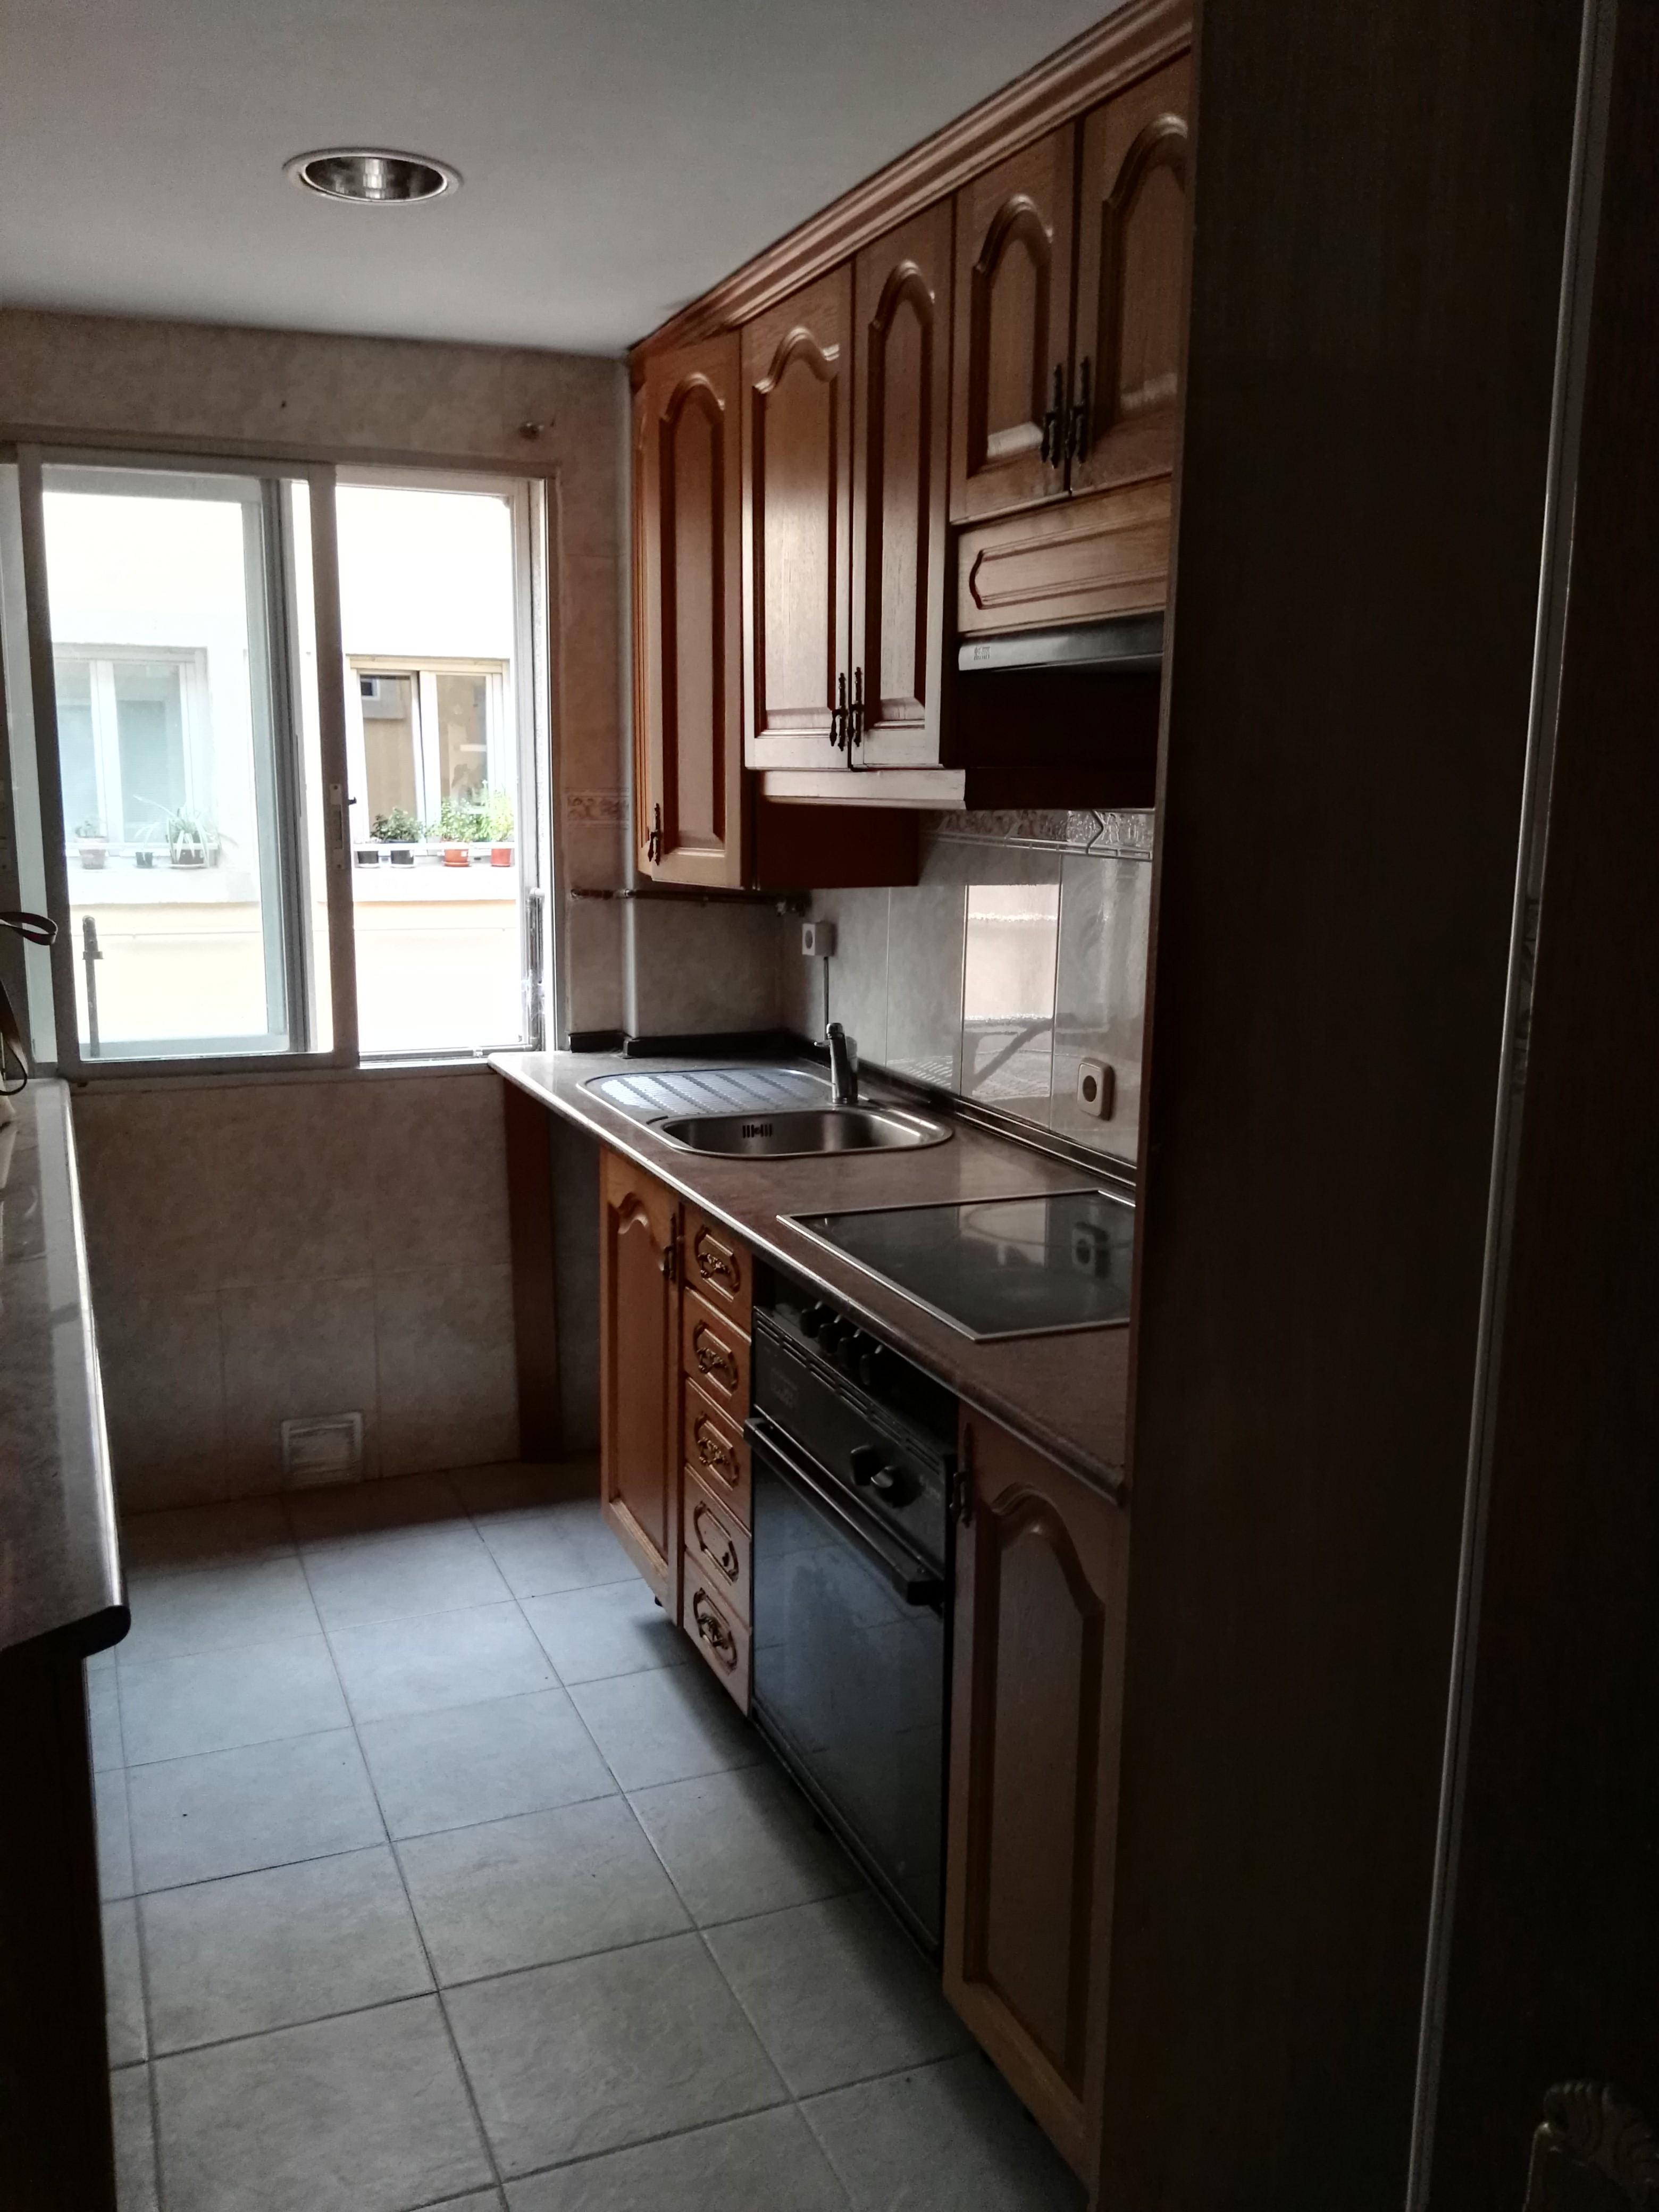 Piso en venta en San Lorenzo de El Escorial, Madrid, Calle Claudio Coello, 121.000 €, 3 habitaciones, 1 baño, 85 m2